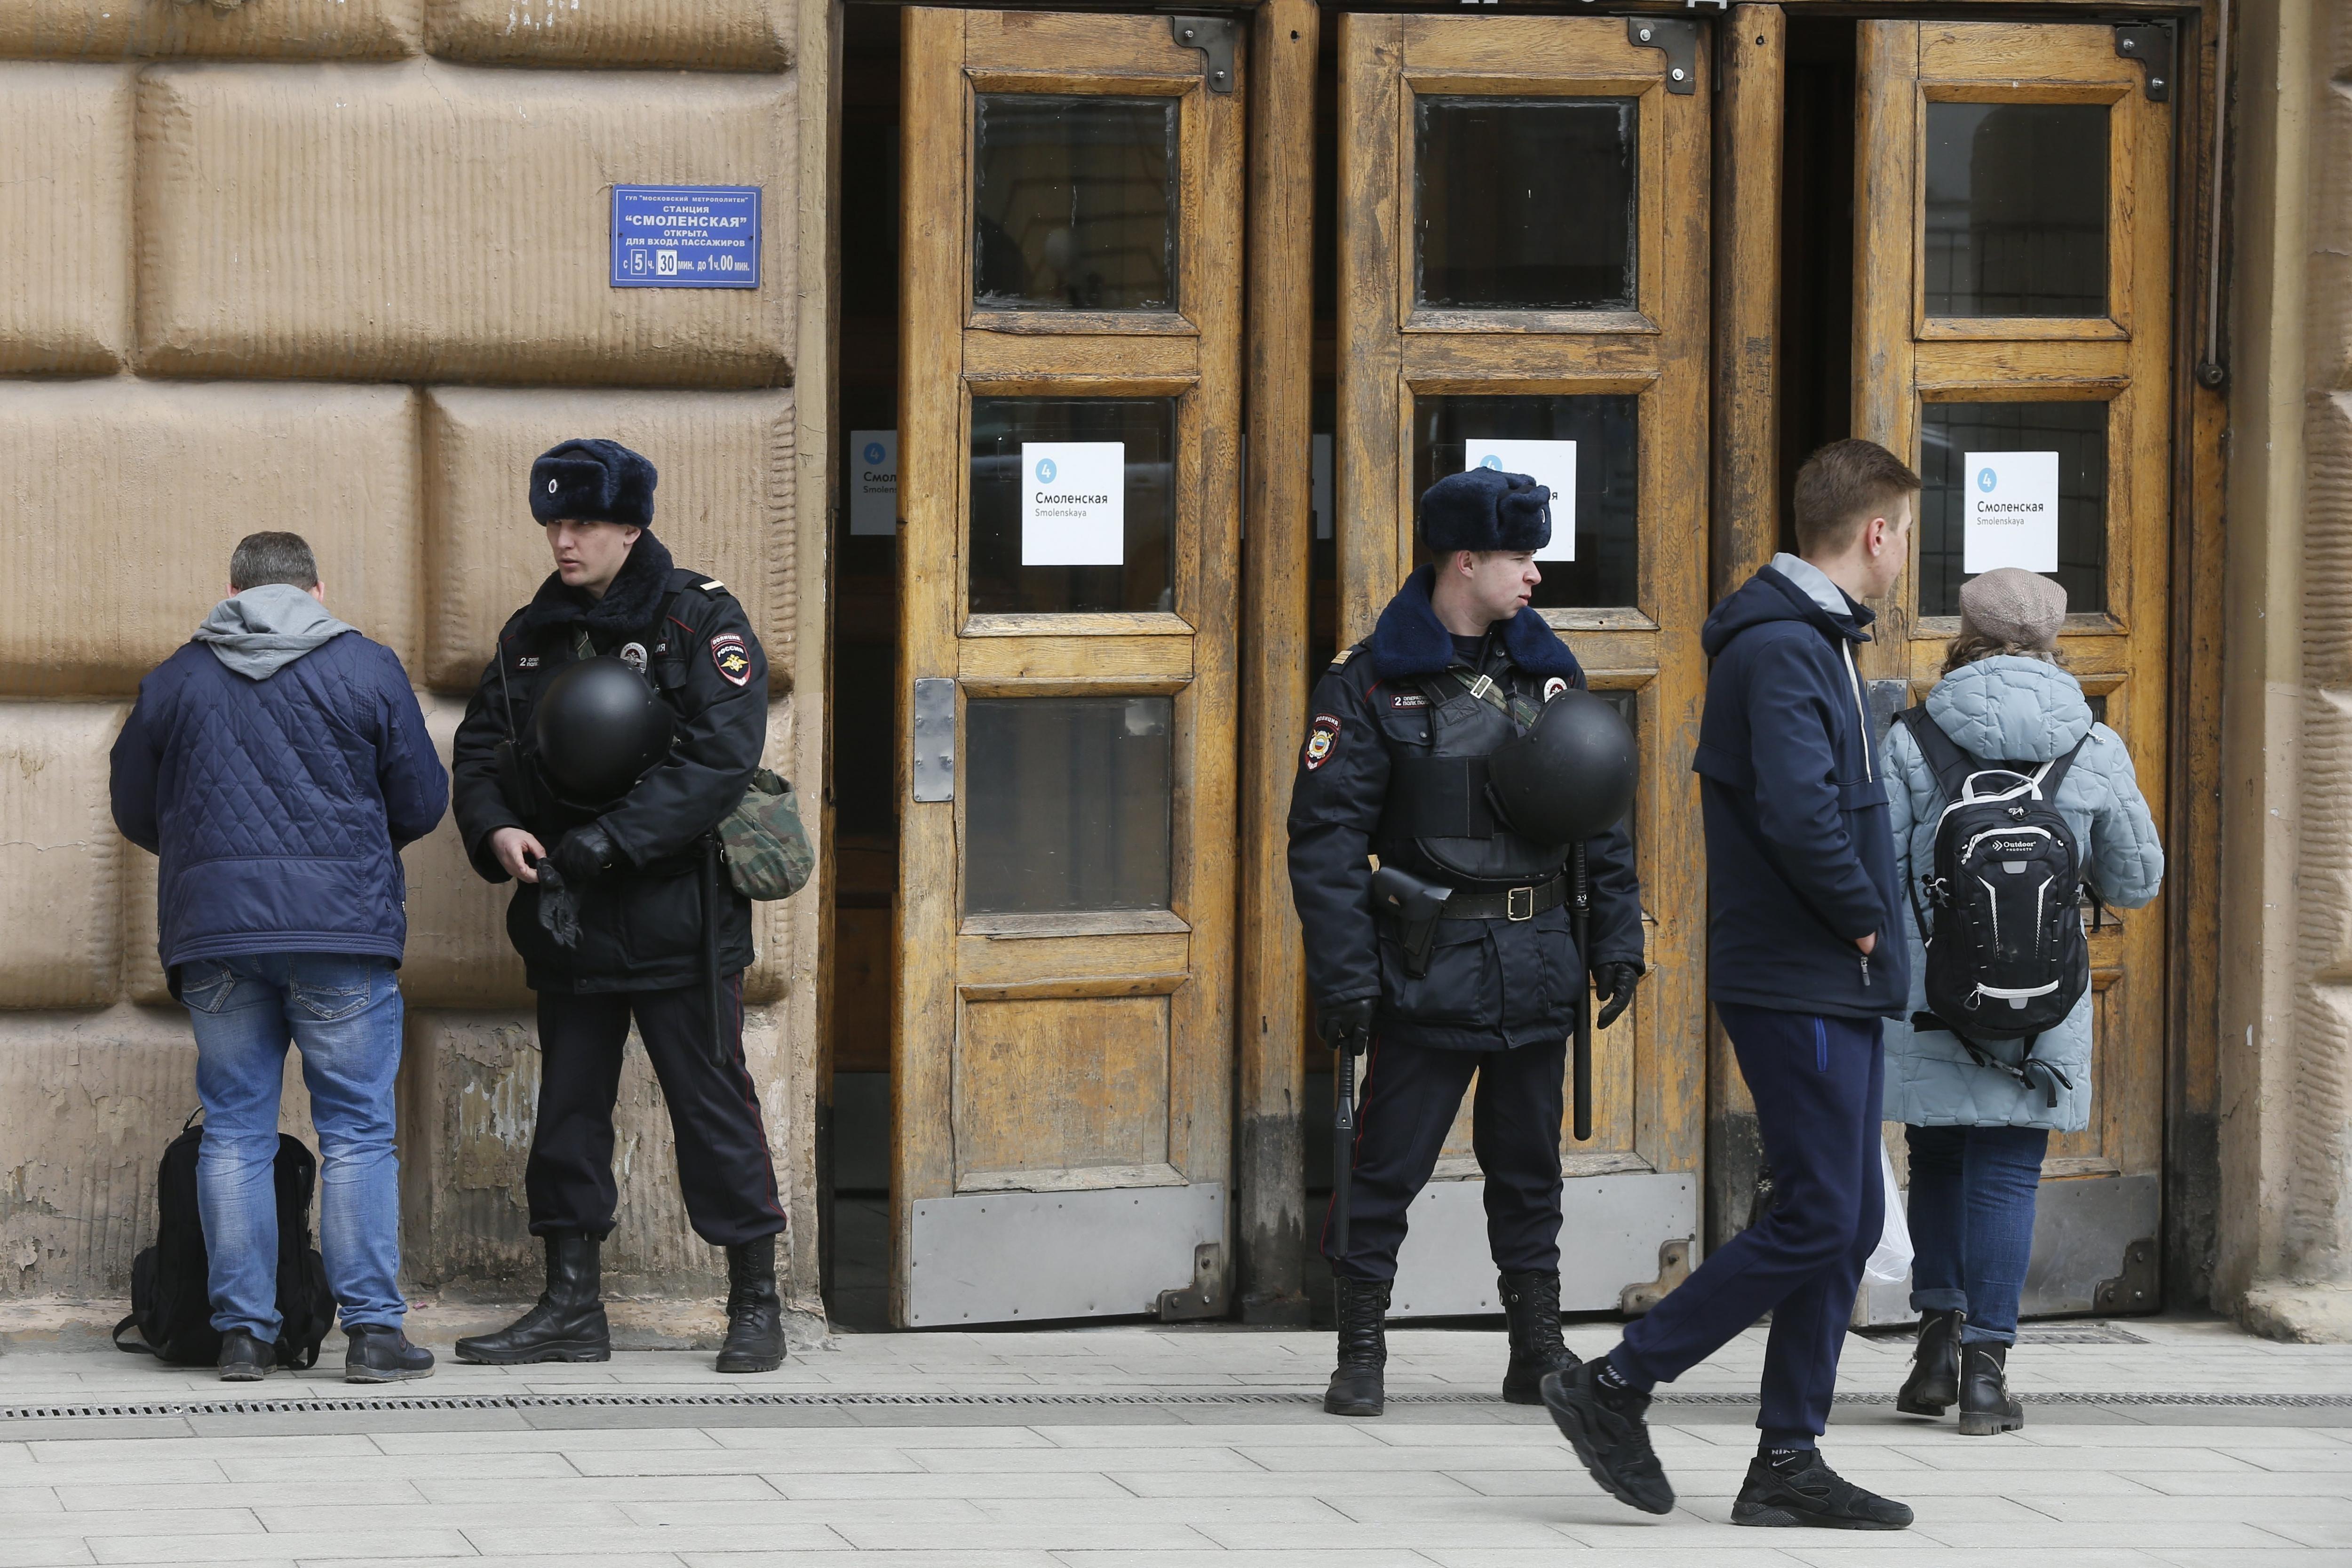 Vuelven a cerrar la estación deSan Petersburgo por amenaza de bomba